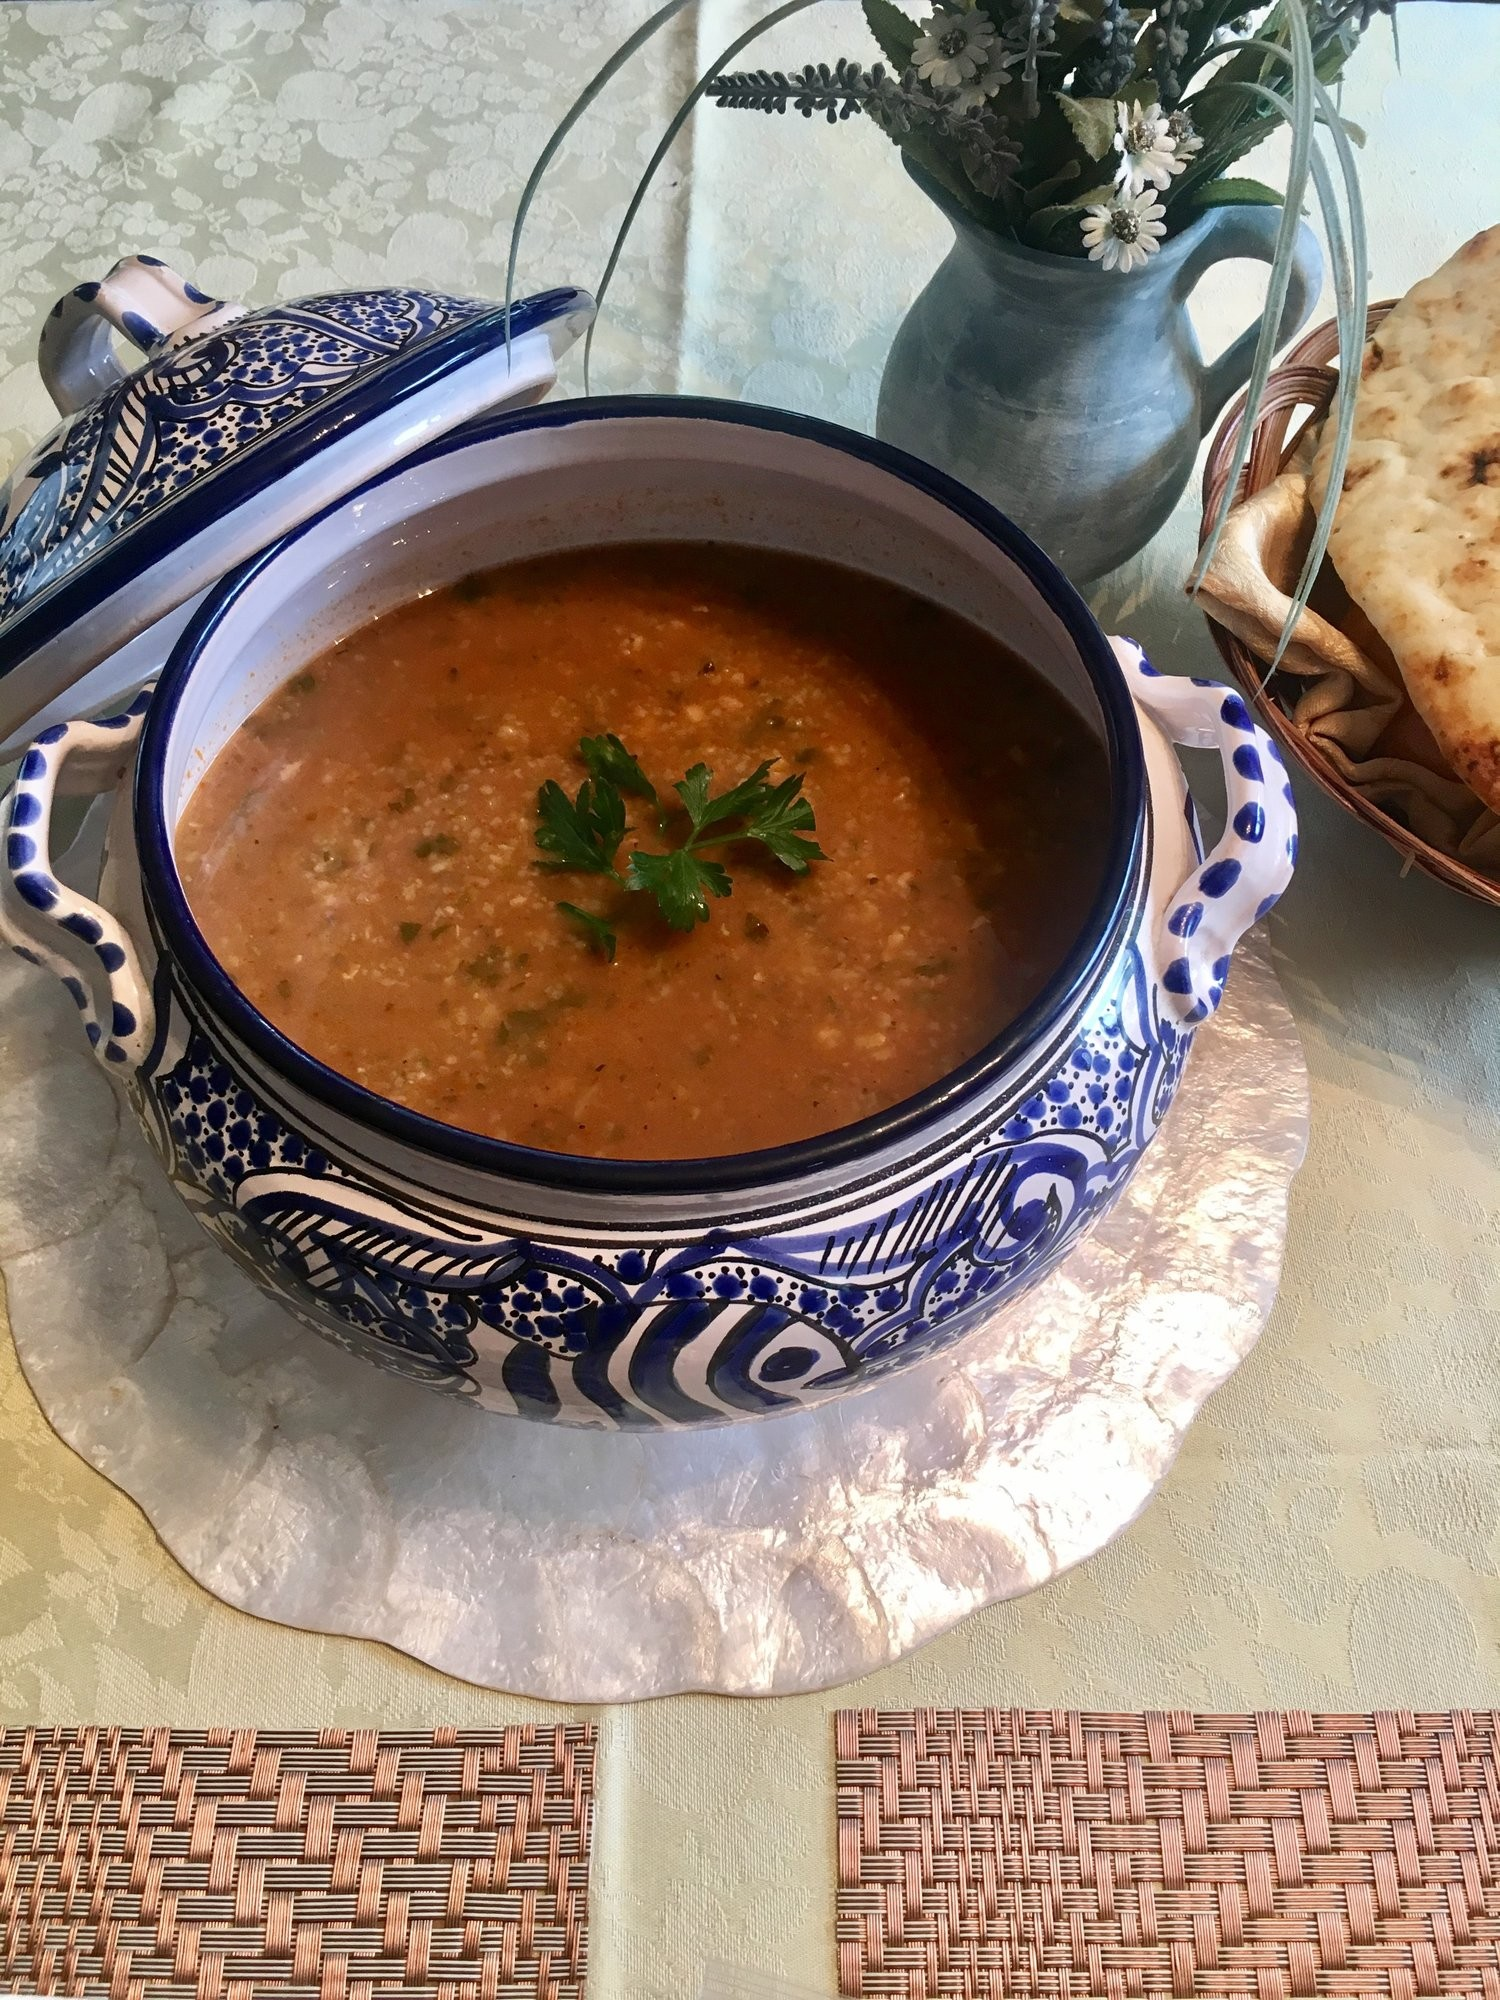 أكلات تونسية سريعة وسهلة - طريقة عمل شوربة الفريك التونسية باللحم